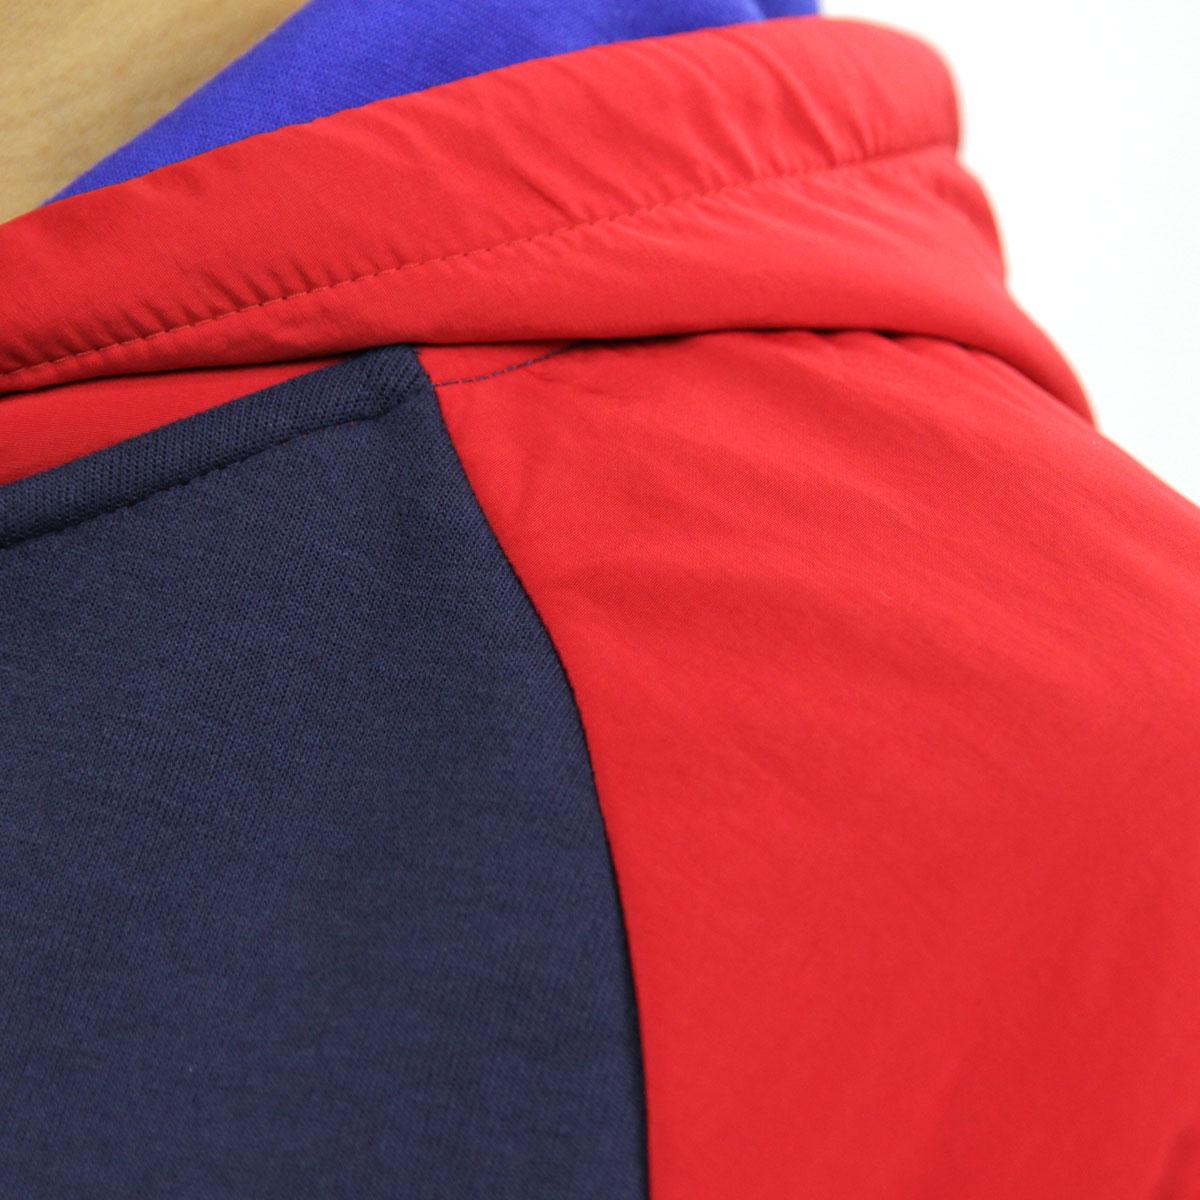 ポロ ラルフローレン パーカー メンズ 正規品 POLO RALPH LAUREN プルオーバーパーカー POLO HI TECH HYBRID HOODIE NAVY/POLO SPORT RED A05B B1C C1D D5E E06F ホワイトデー 2021 ラッピング無料